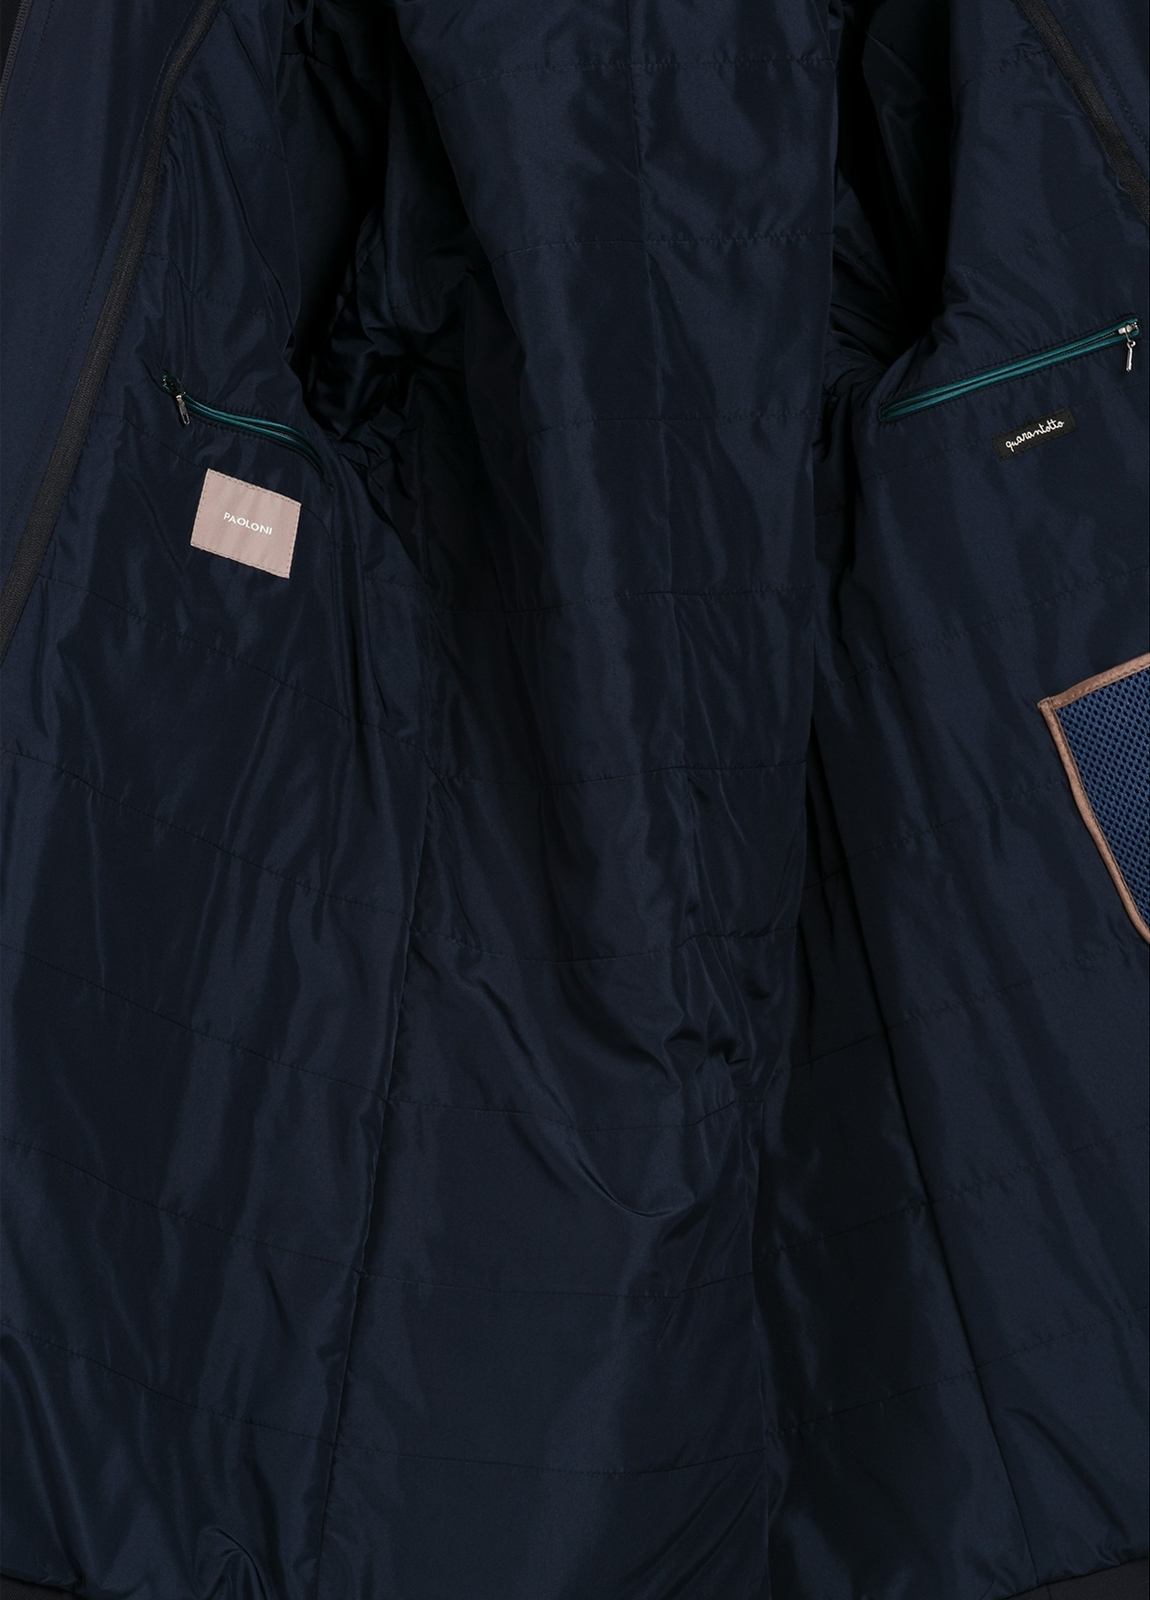 Gabardina color azul marino con pecherín interior. 100% Poliamida. - Ítem1